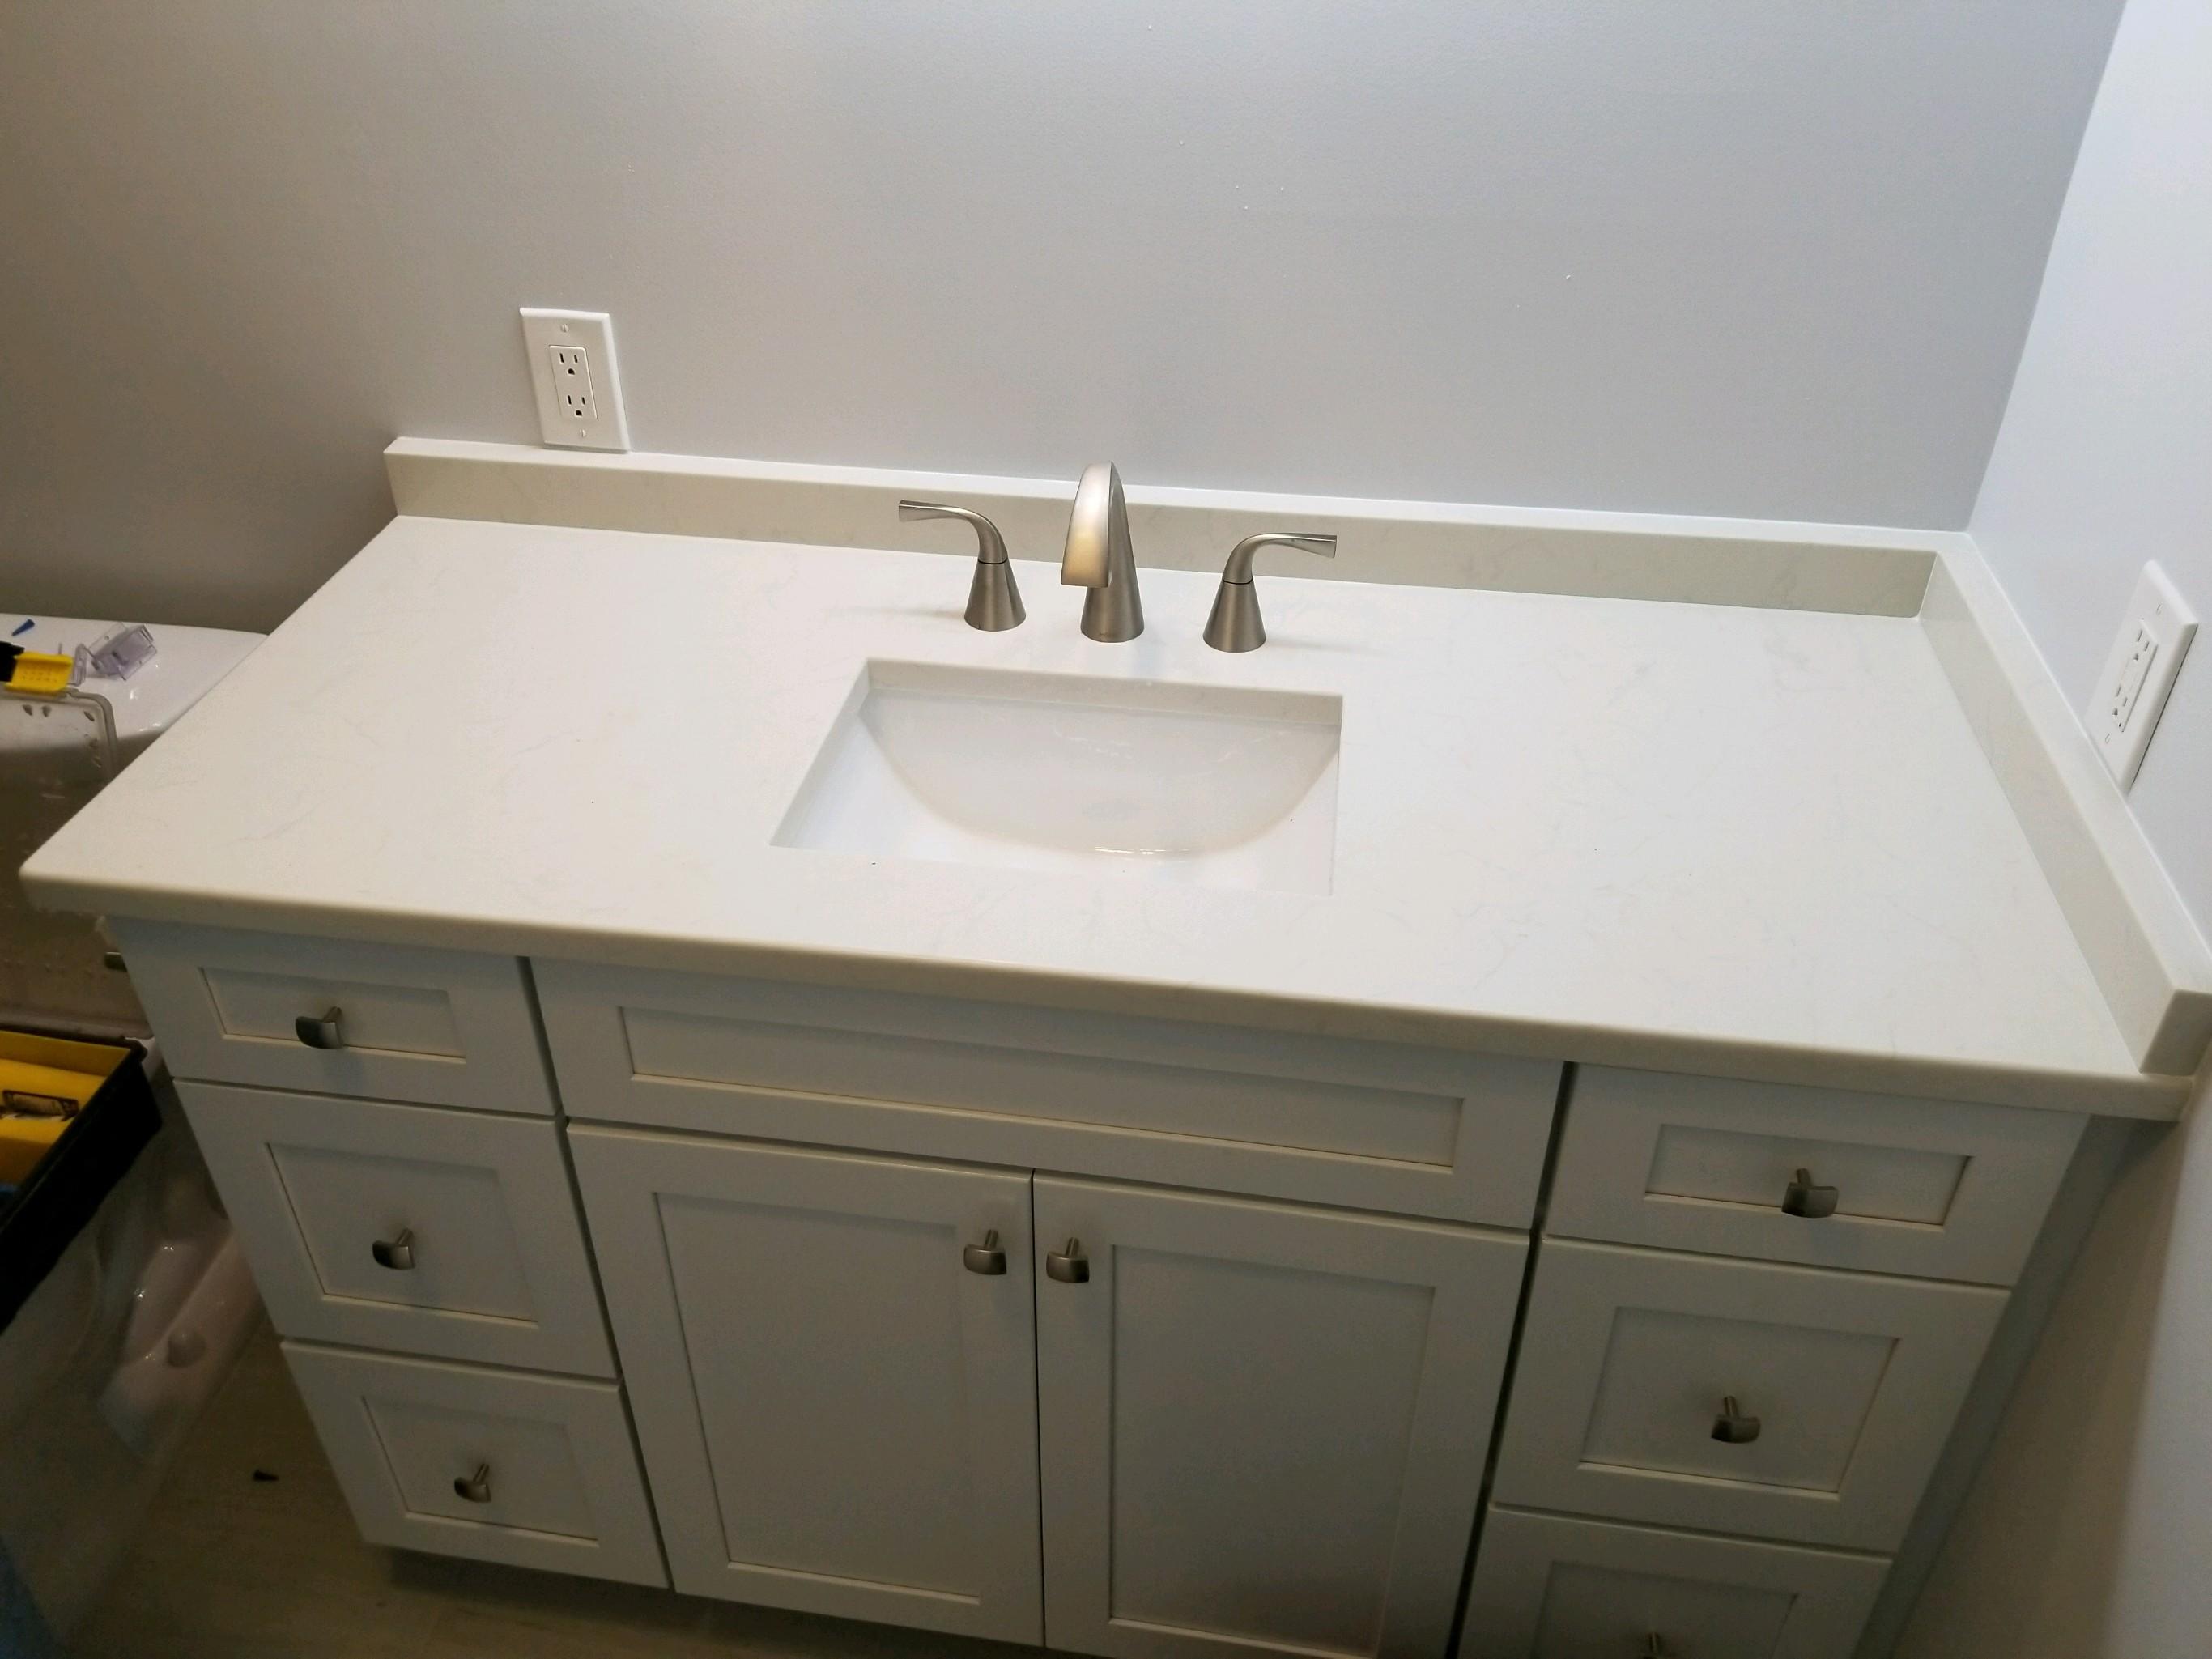 Pelican Winter White Quartz Bathroom Vanity Countertop Remodel In - Bathroom vanities tampa fl